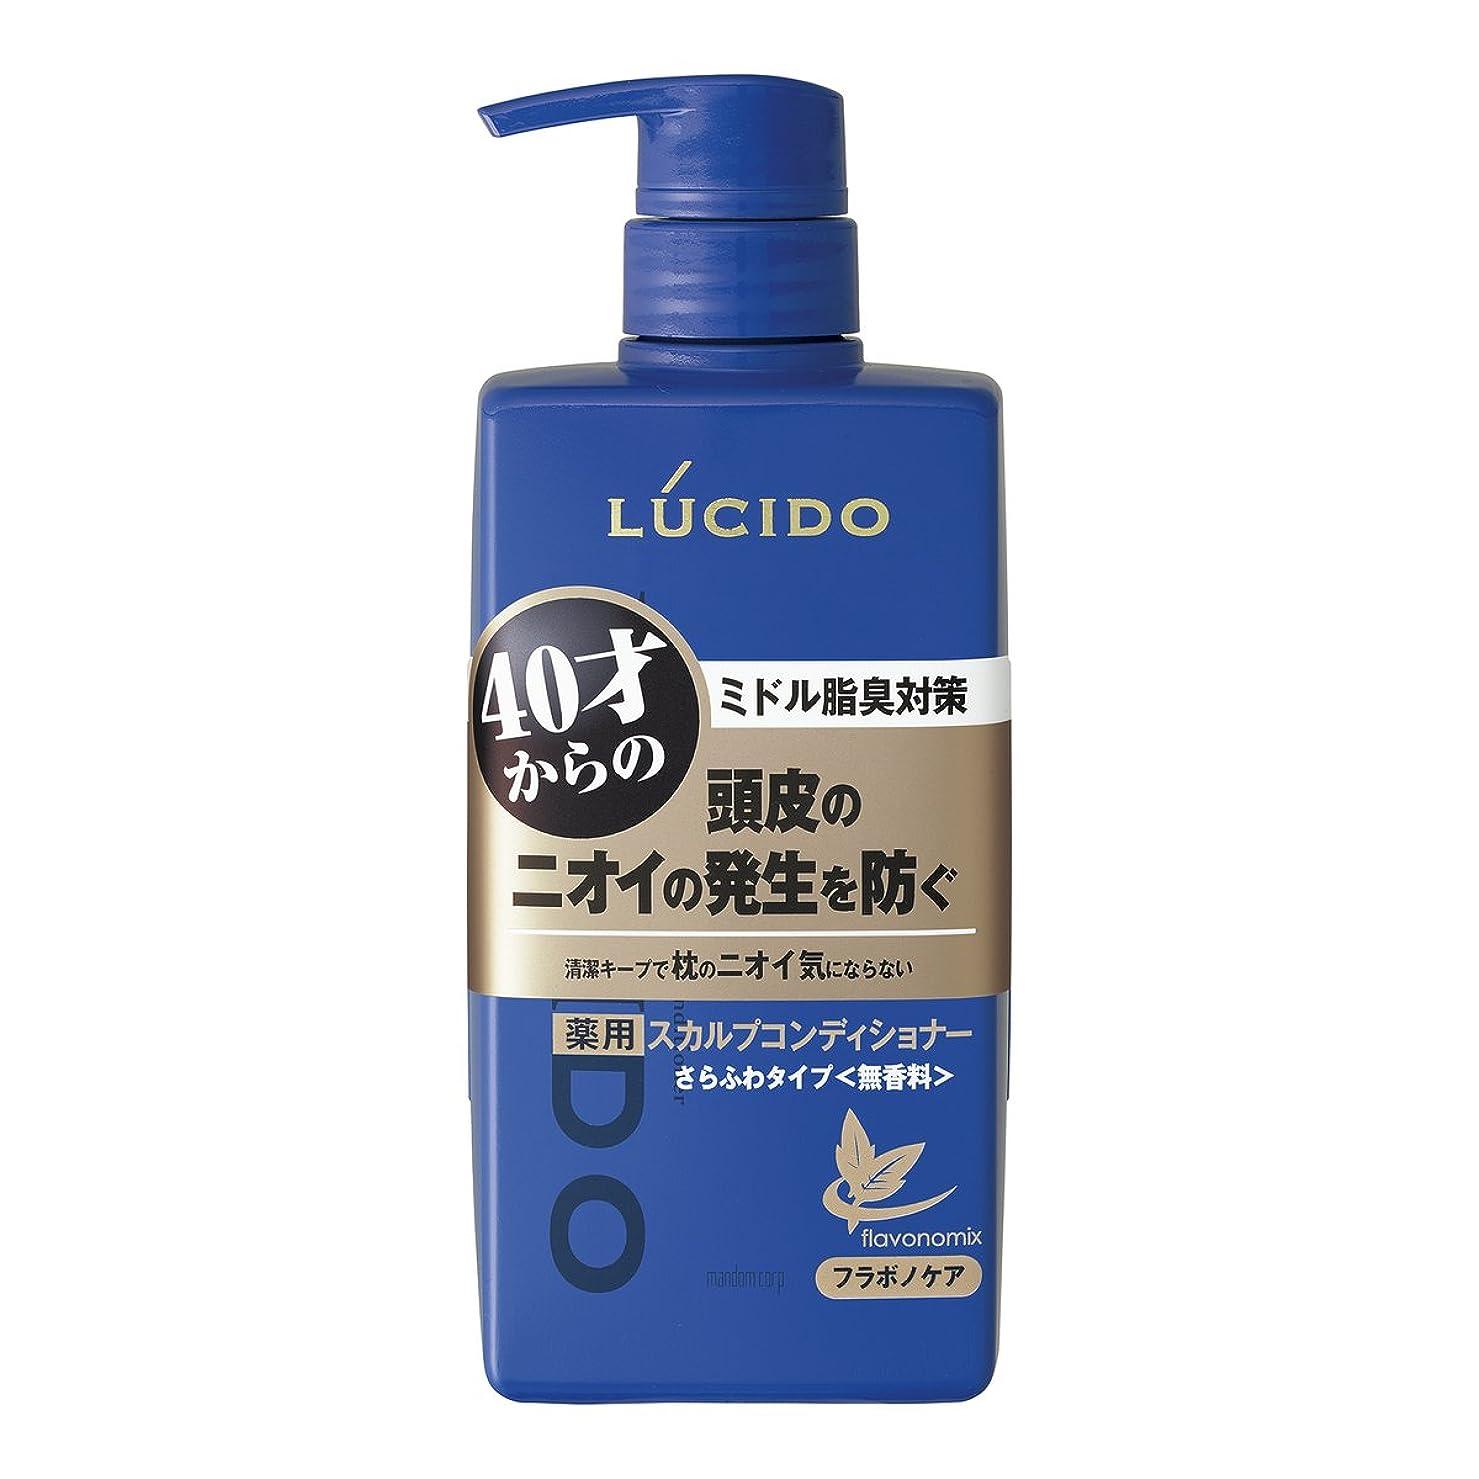 ギャング作詞家のホストルシード 薬用ヘア&スカルプコンディショナー 450g(医薬部外品)